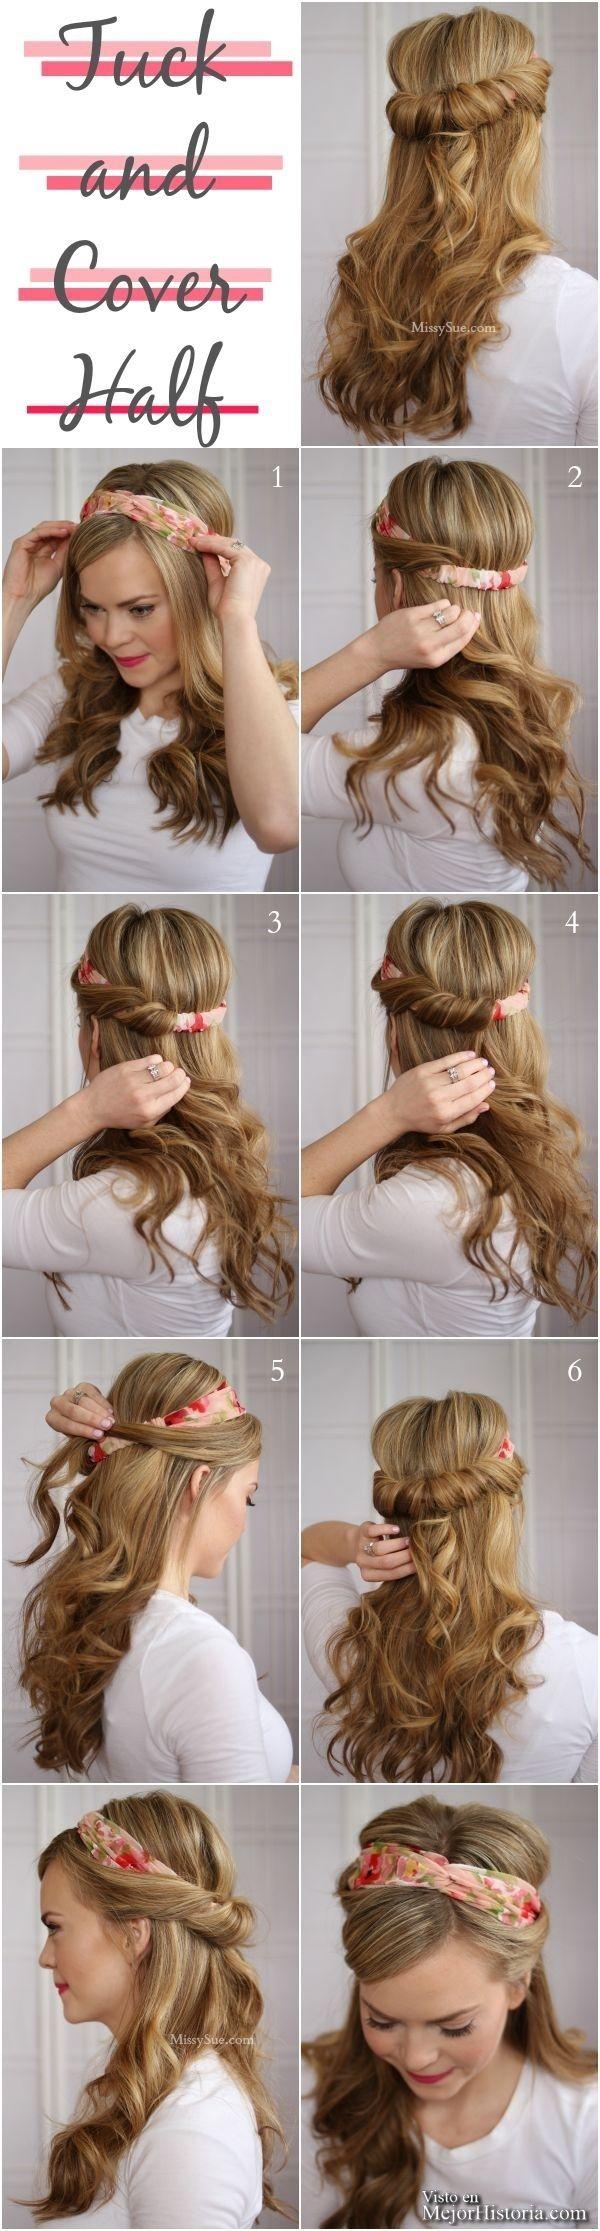 peinados rapidos y faciles mejor historia (1)